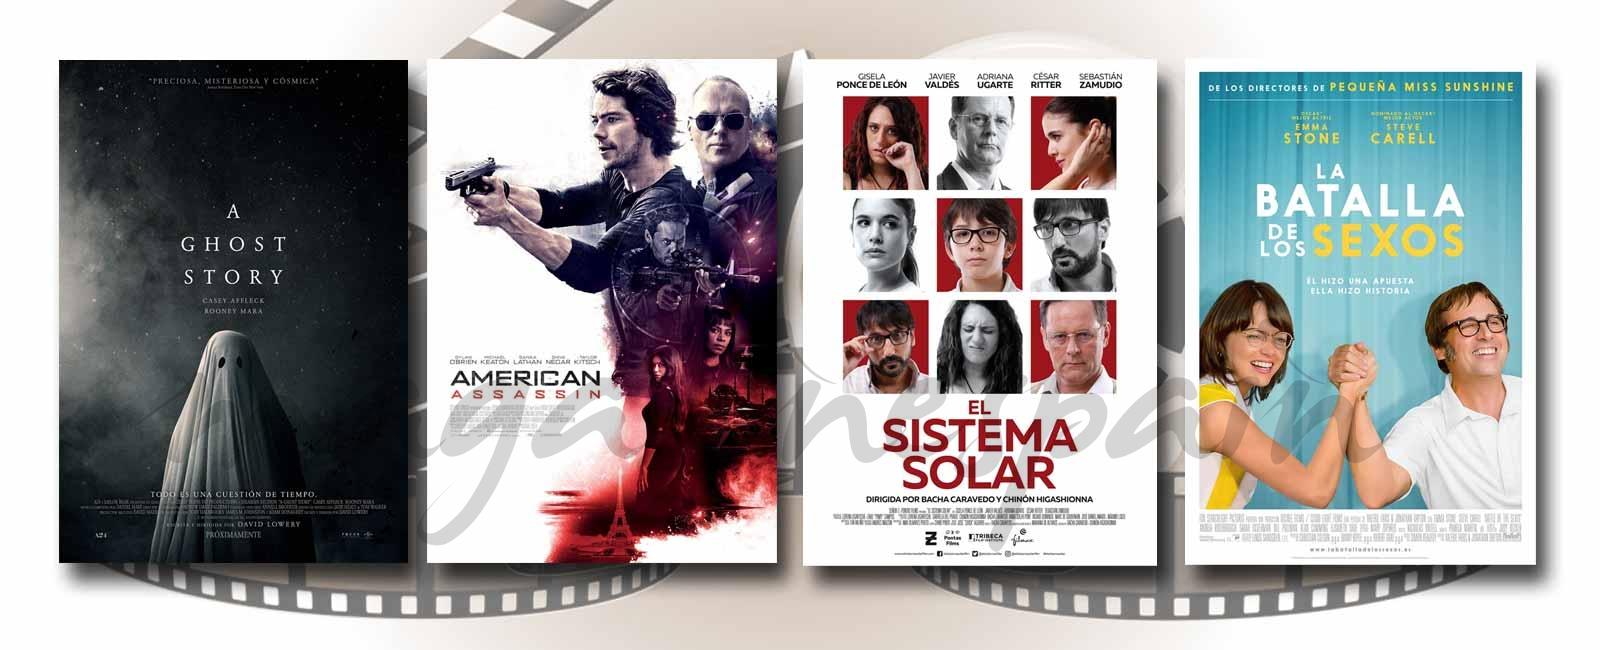 Estrenos de Cine de la Semana… 3 de Noviembre 2017